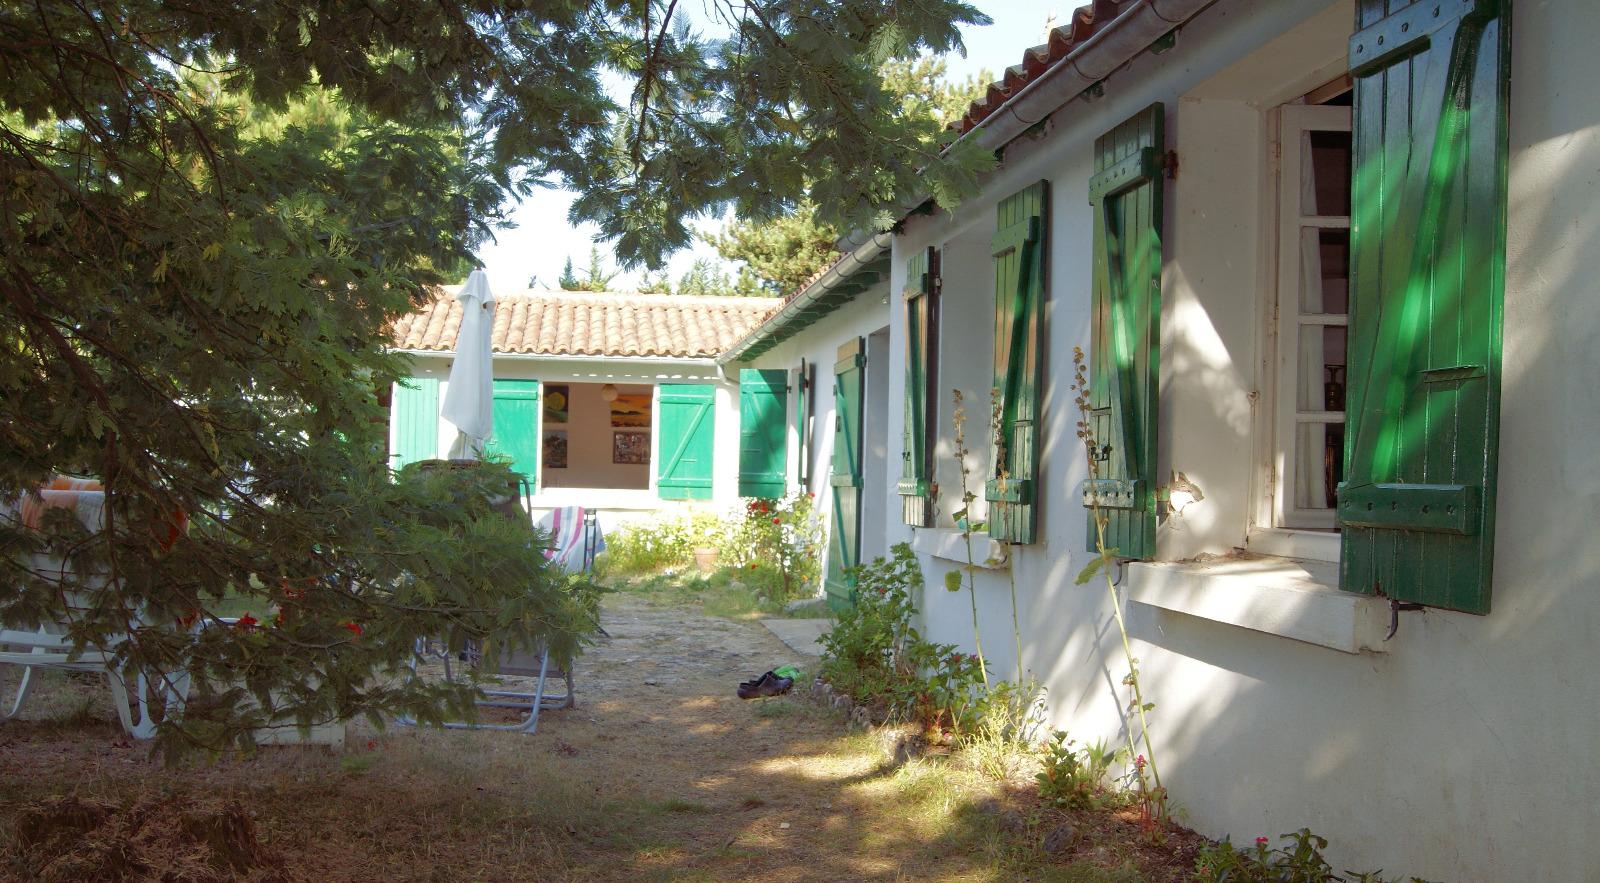 206 le de r 233 les portes en r 233 maison traditionnelle en bordure de plage immo prestige